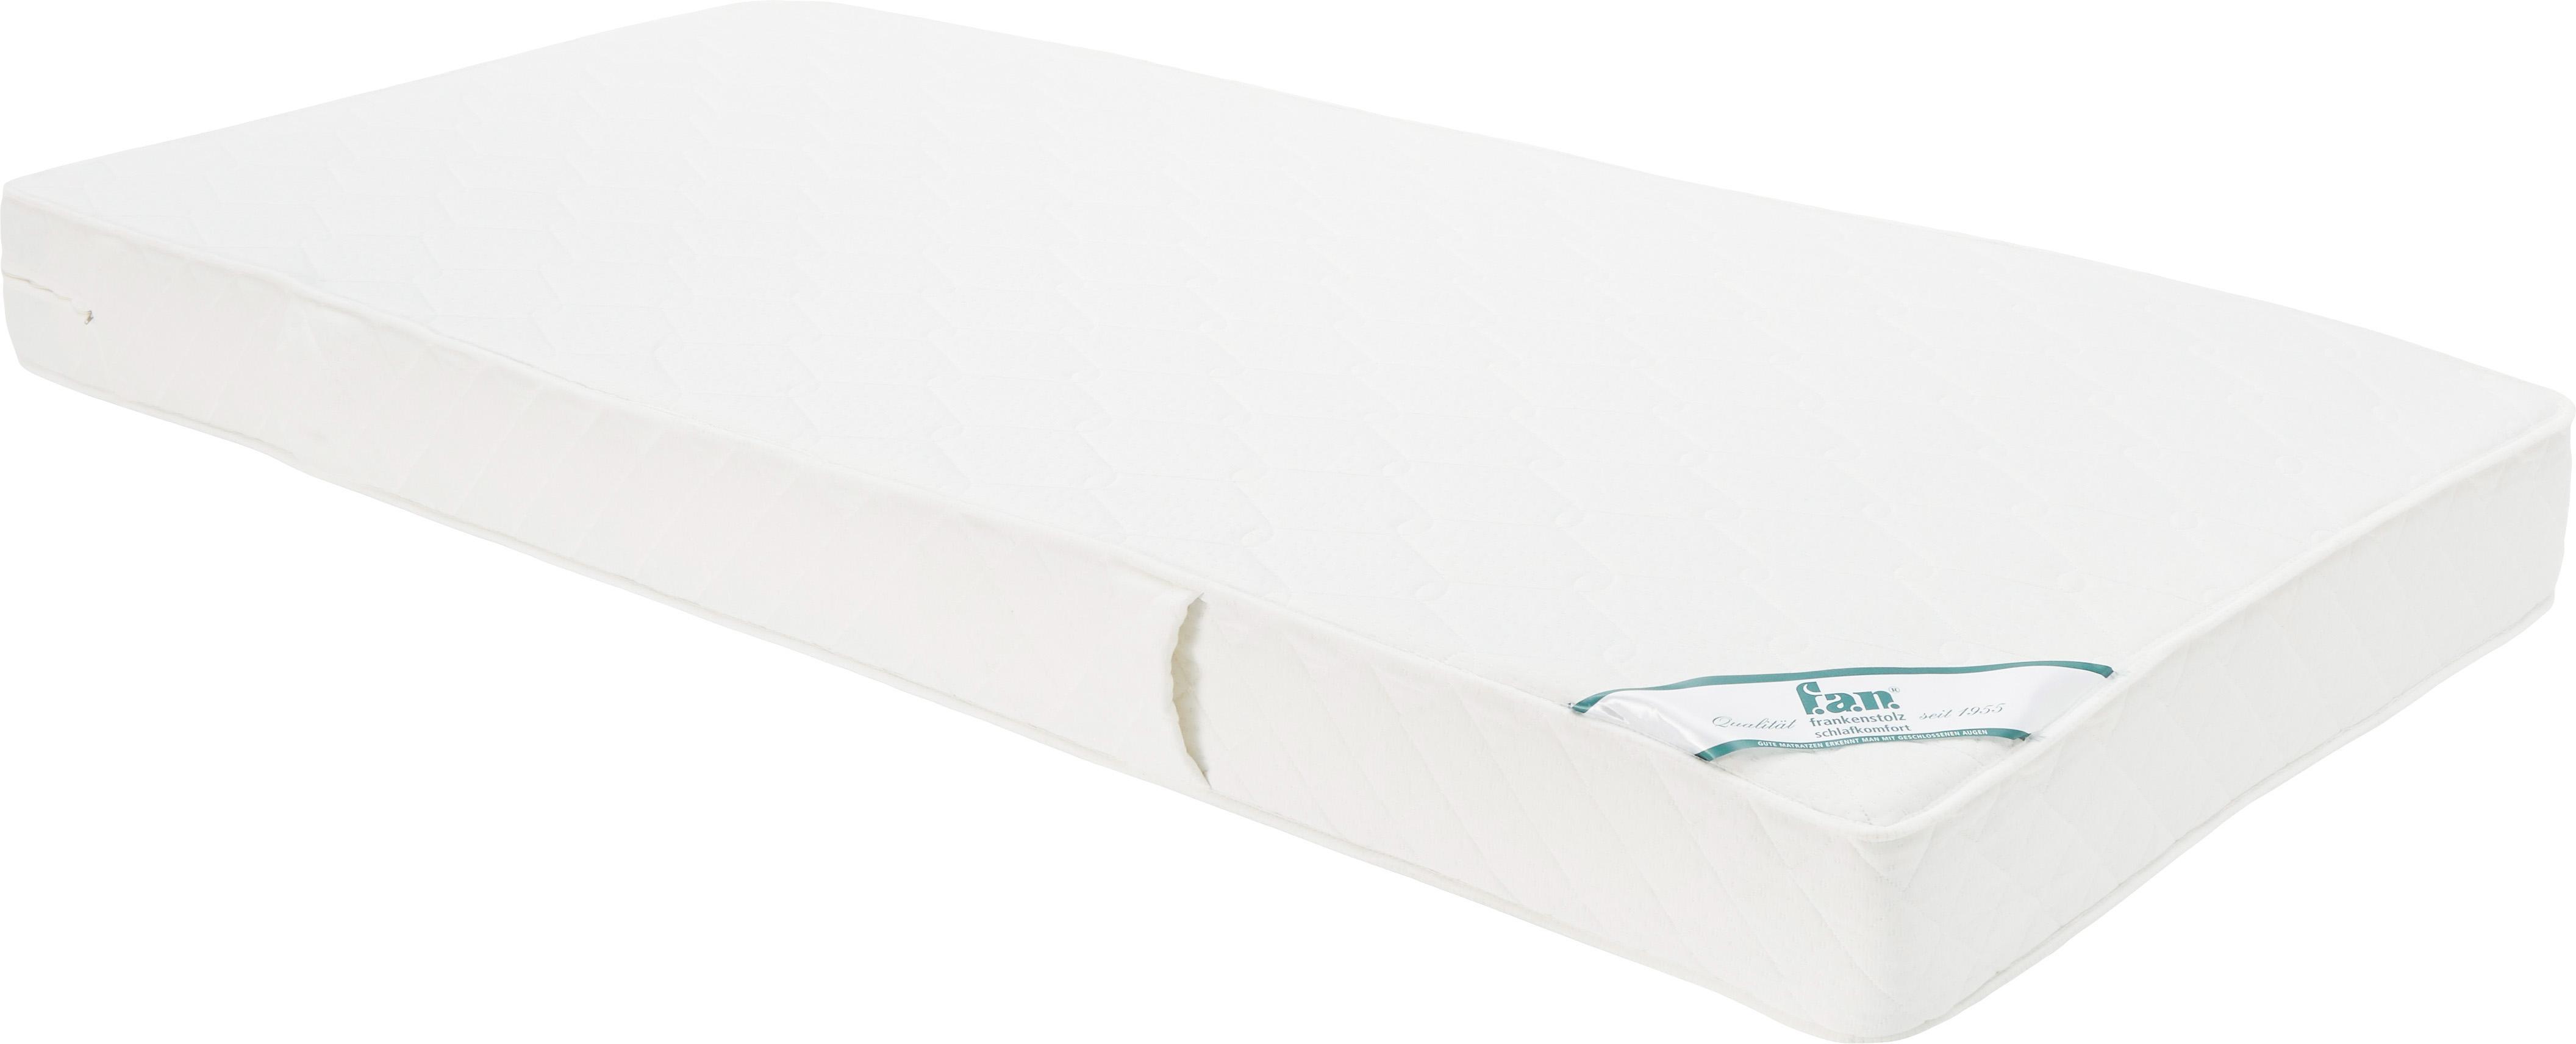 Tonnentaschenfederkern-Matratze Happy, Bezug: Doppeljersey (100% Polyes, Oberseite: ca. 200 g/m² klimaregulie, Unterseite: ca. 200 g/m² klimaregulie, Weiß, 90 x 200 cm